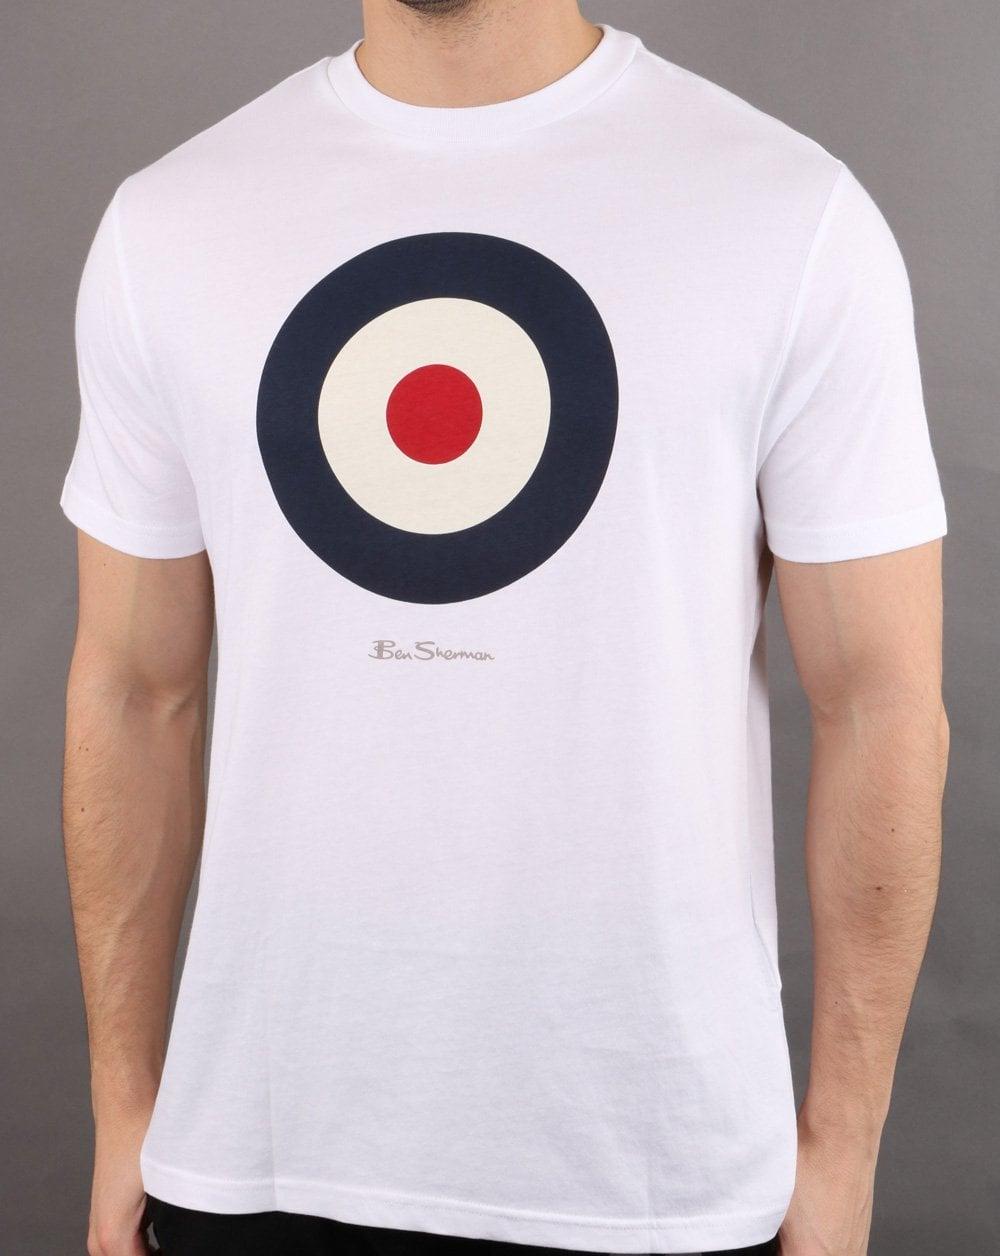 Ben Sherman Target T shirt White